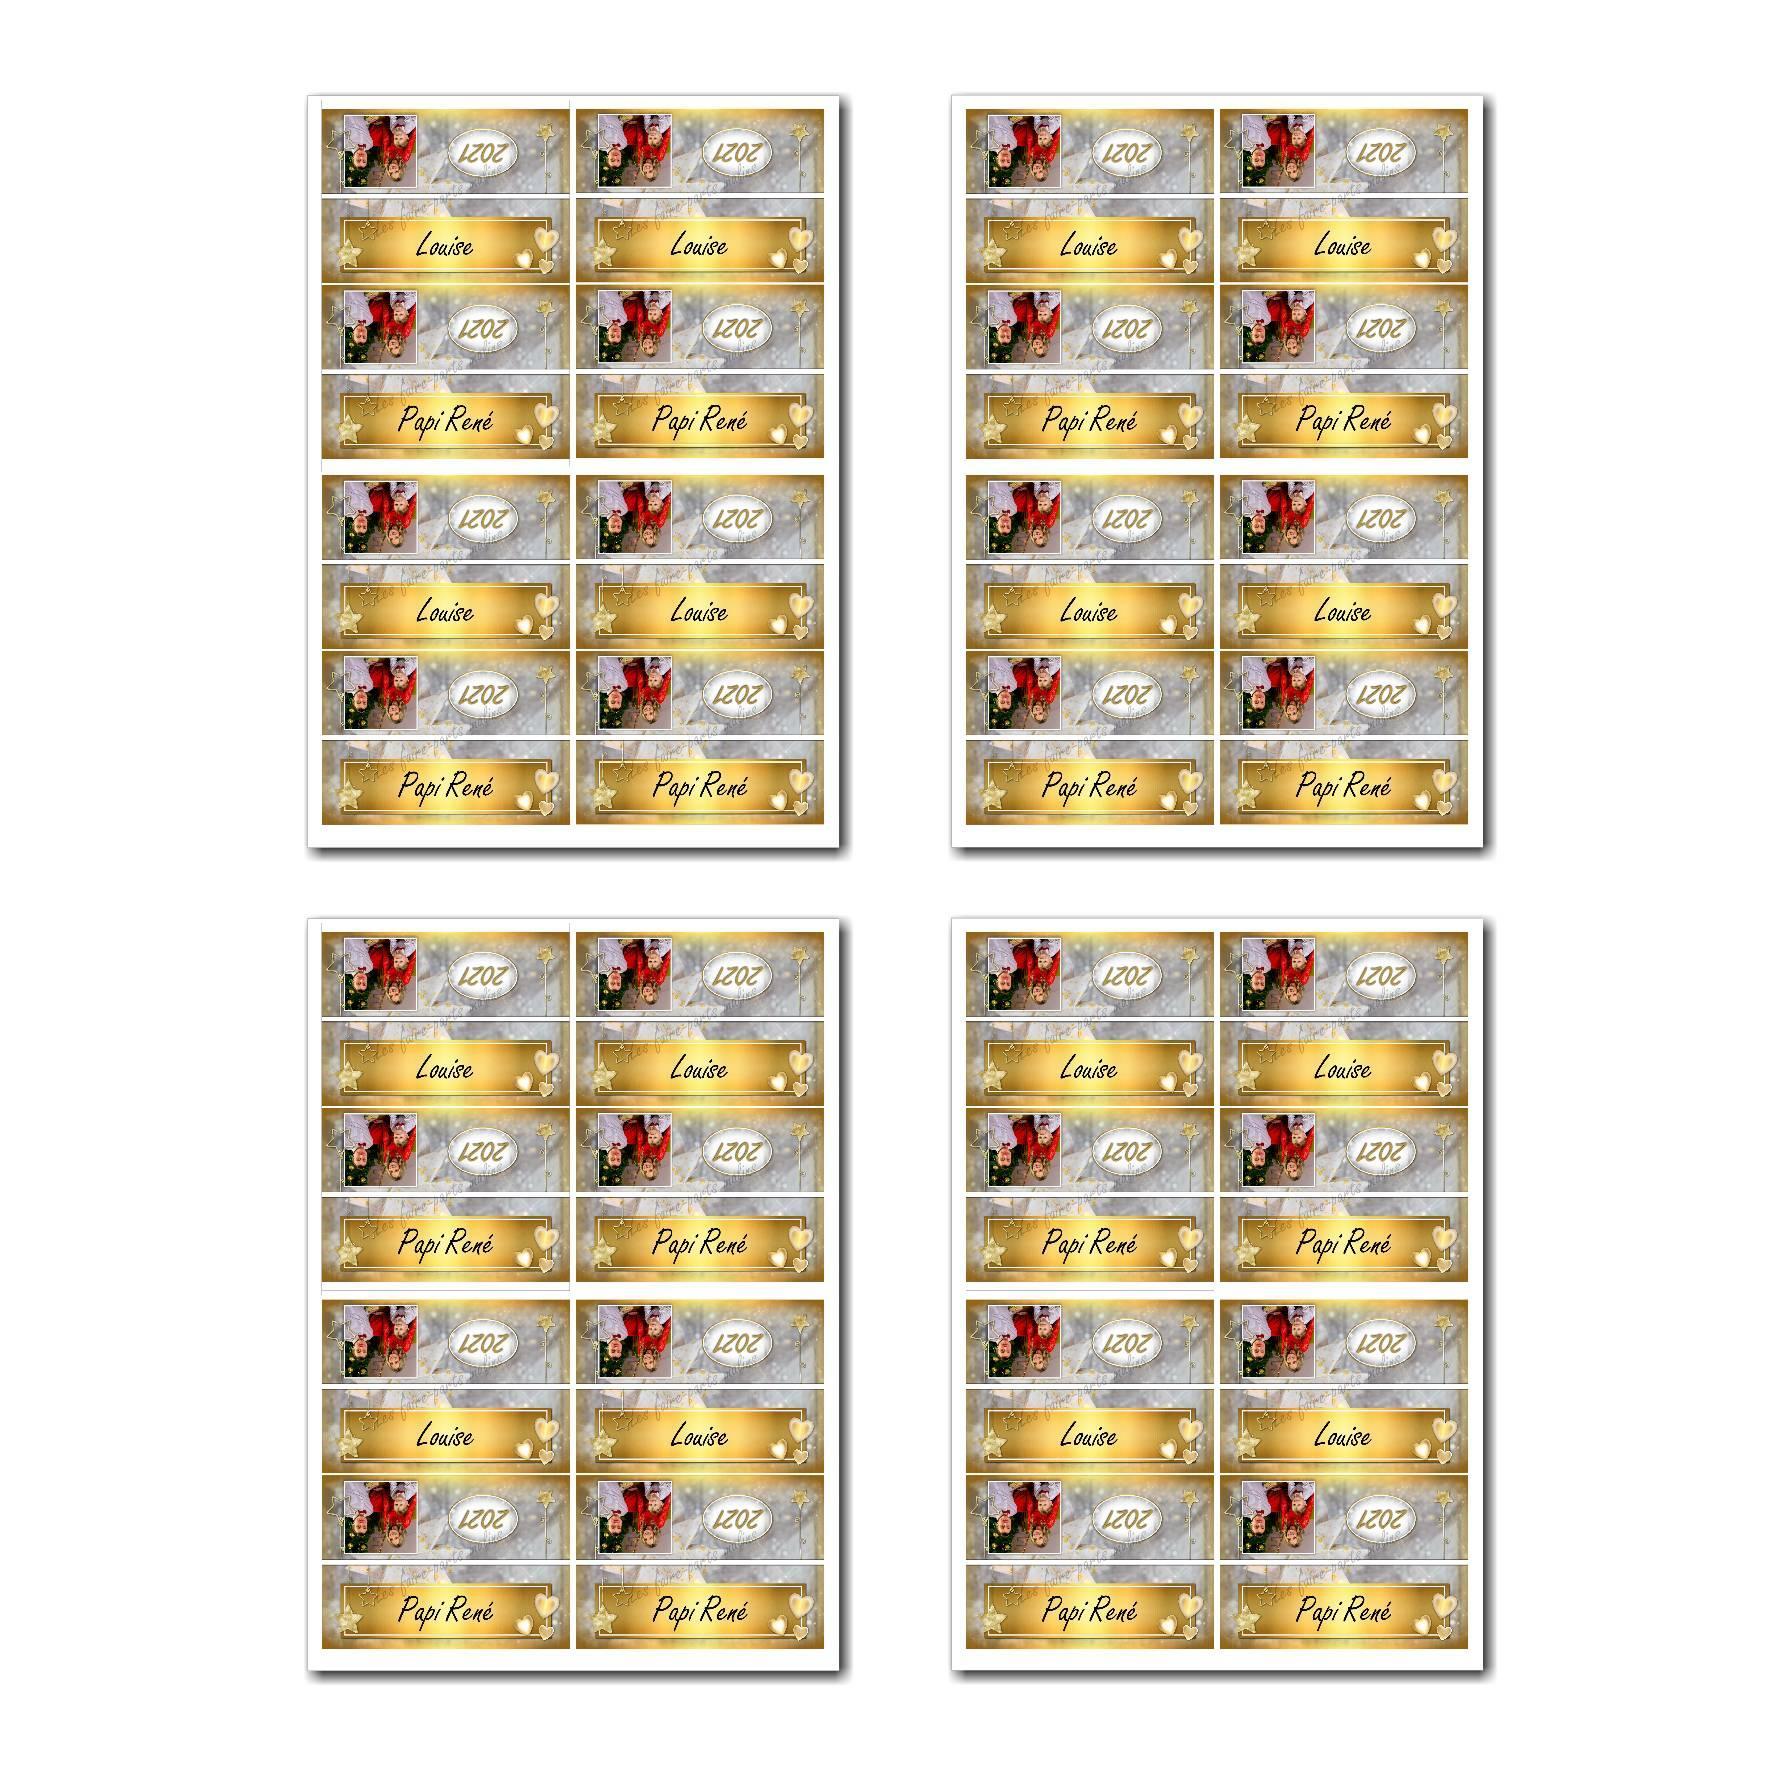 Pai 07 voeux mp 10x7